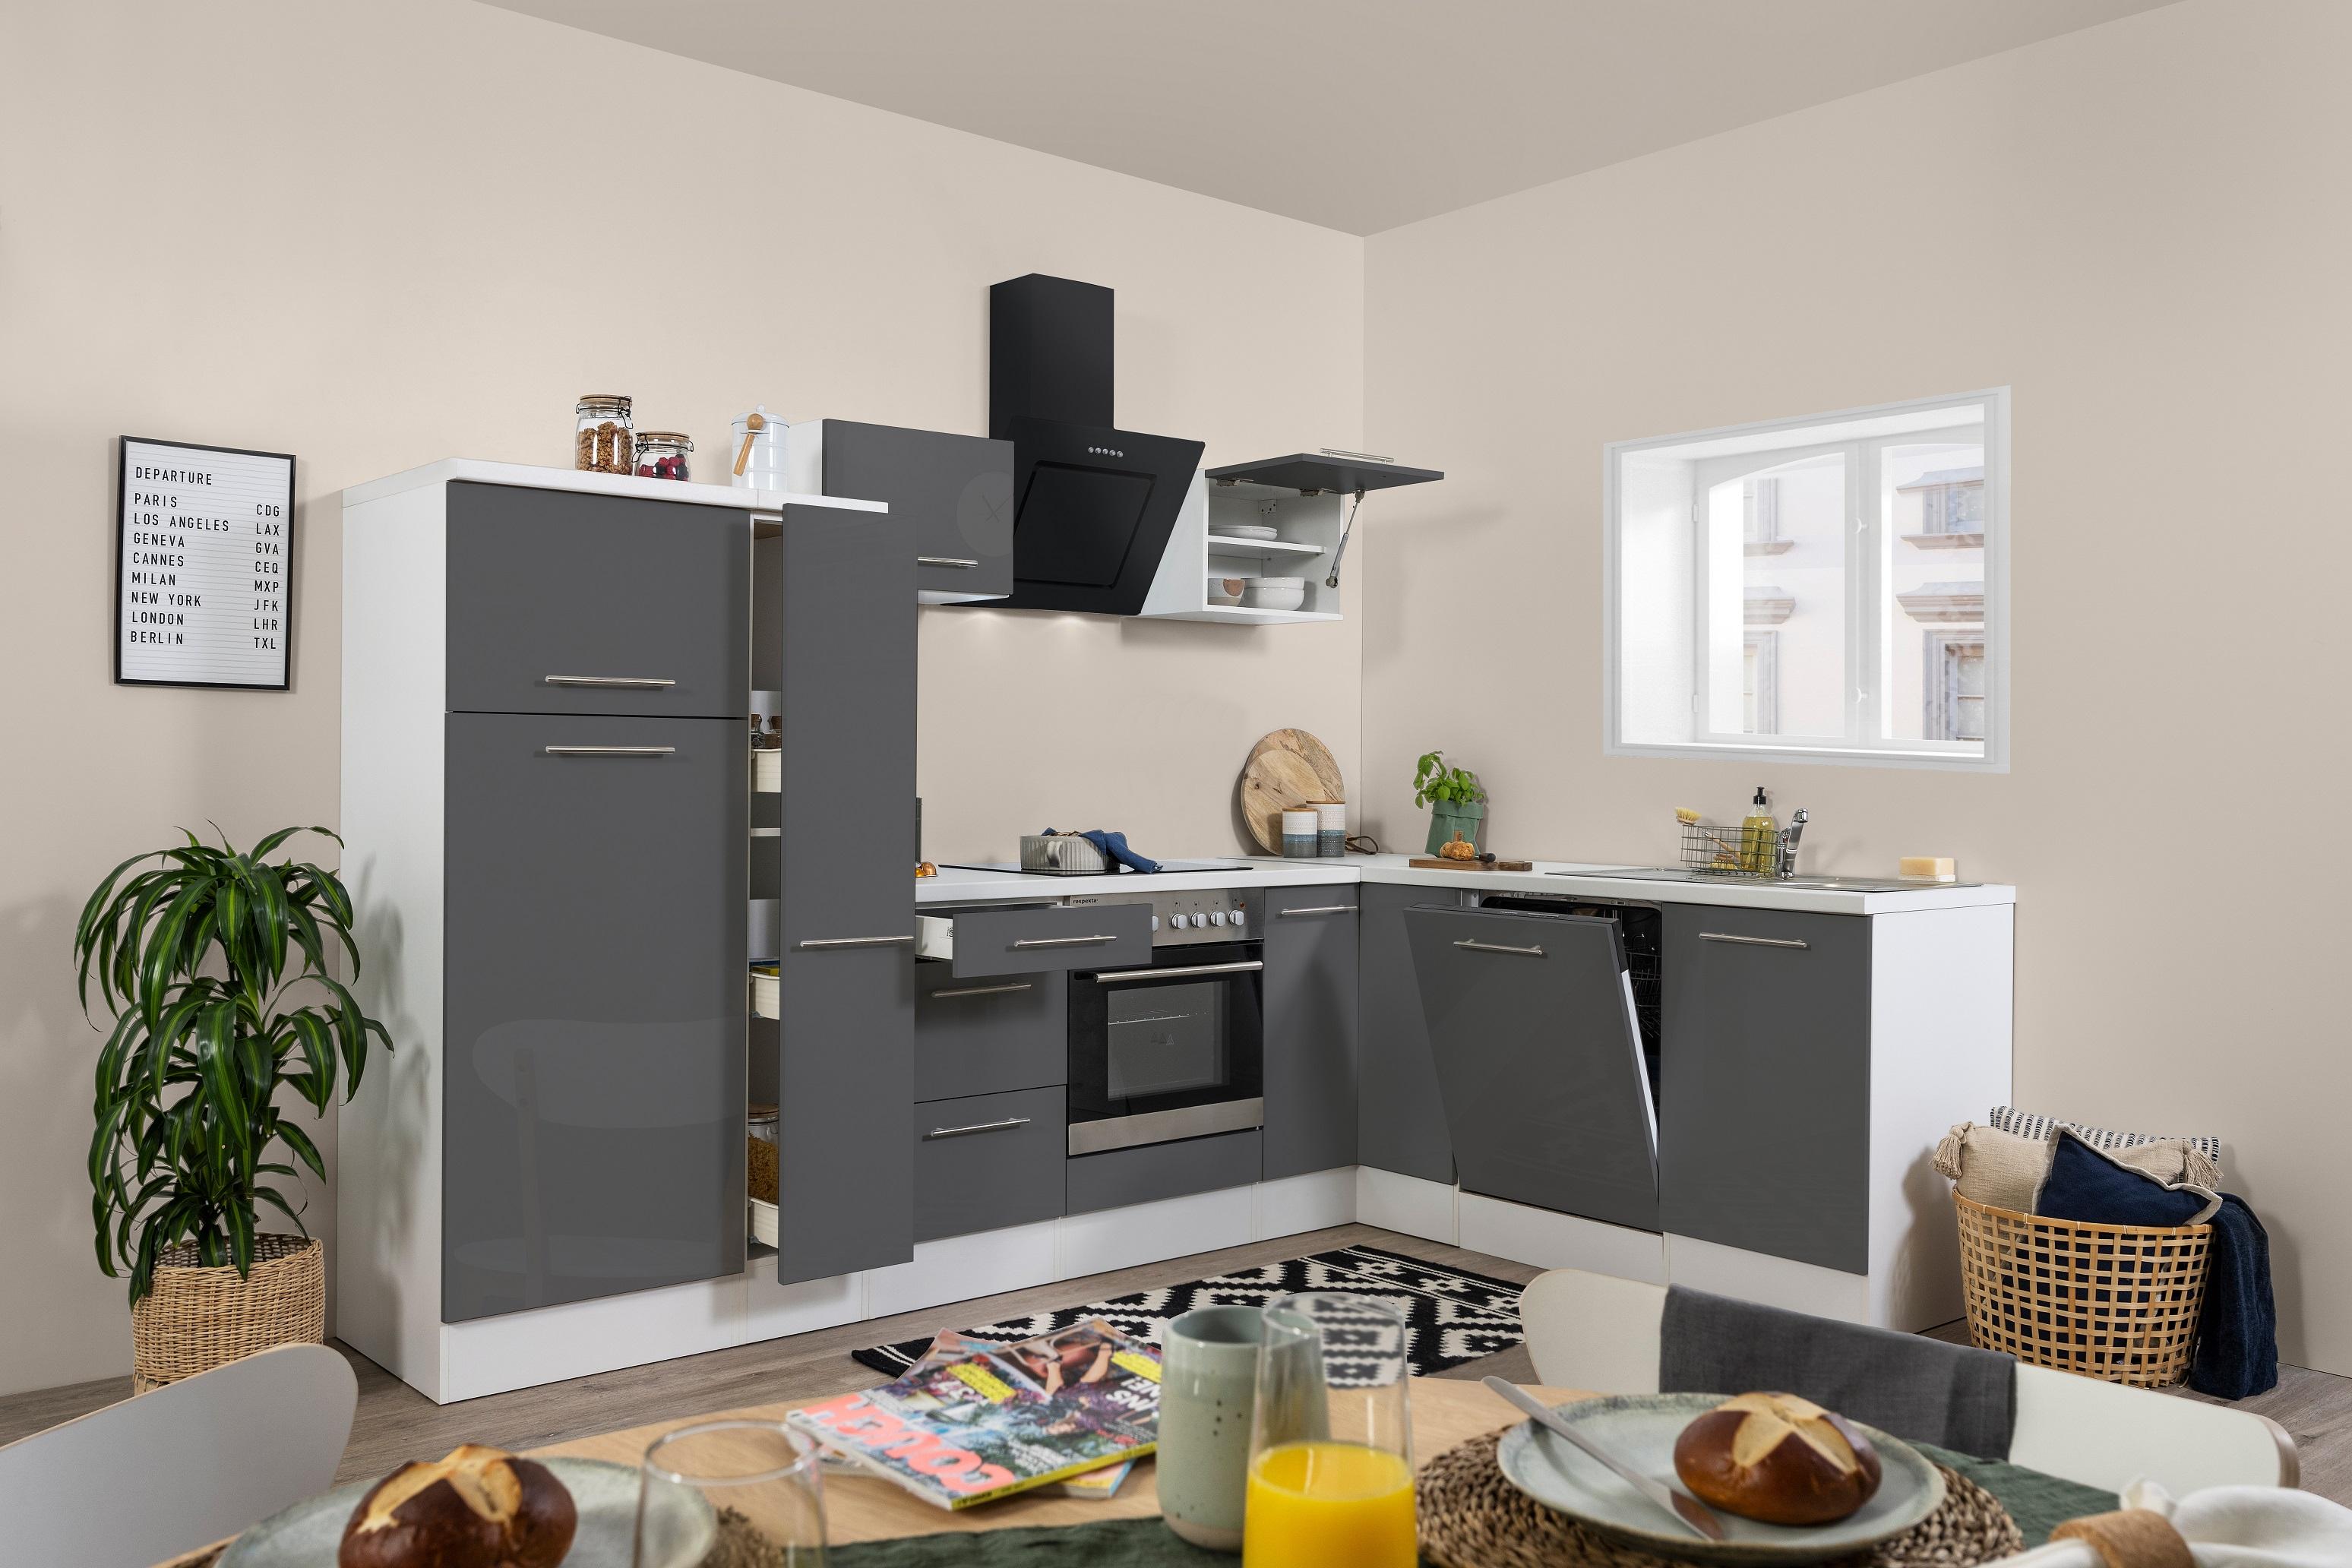 Winkelküche Küchenzeile L-Form Küche Einbauküche weiß grau 290x200 cm respekta